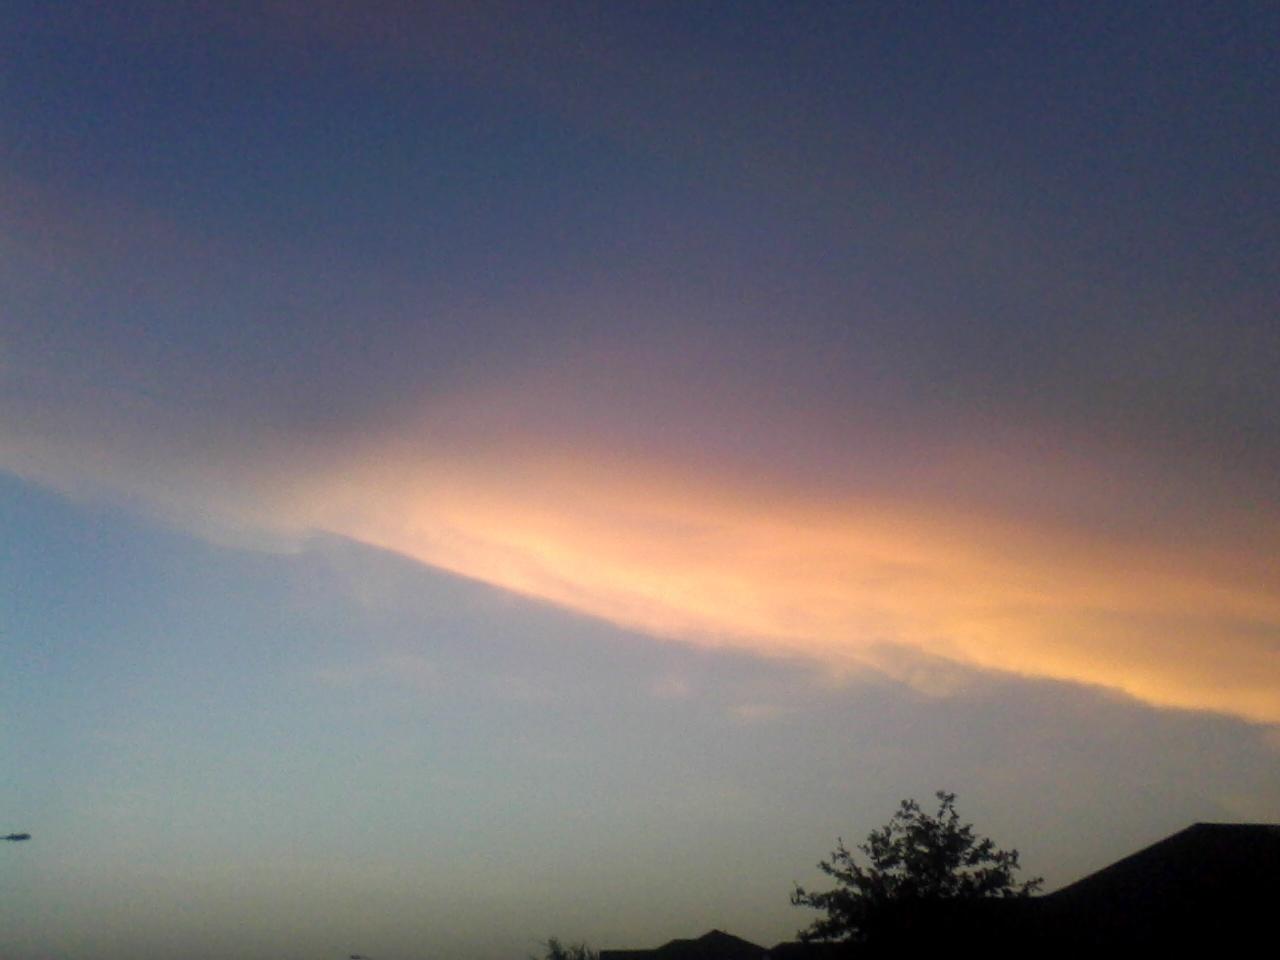 Sky - 0728202821.jpg